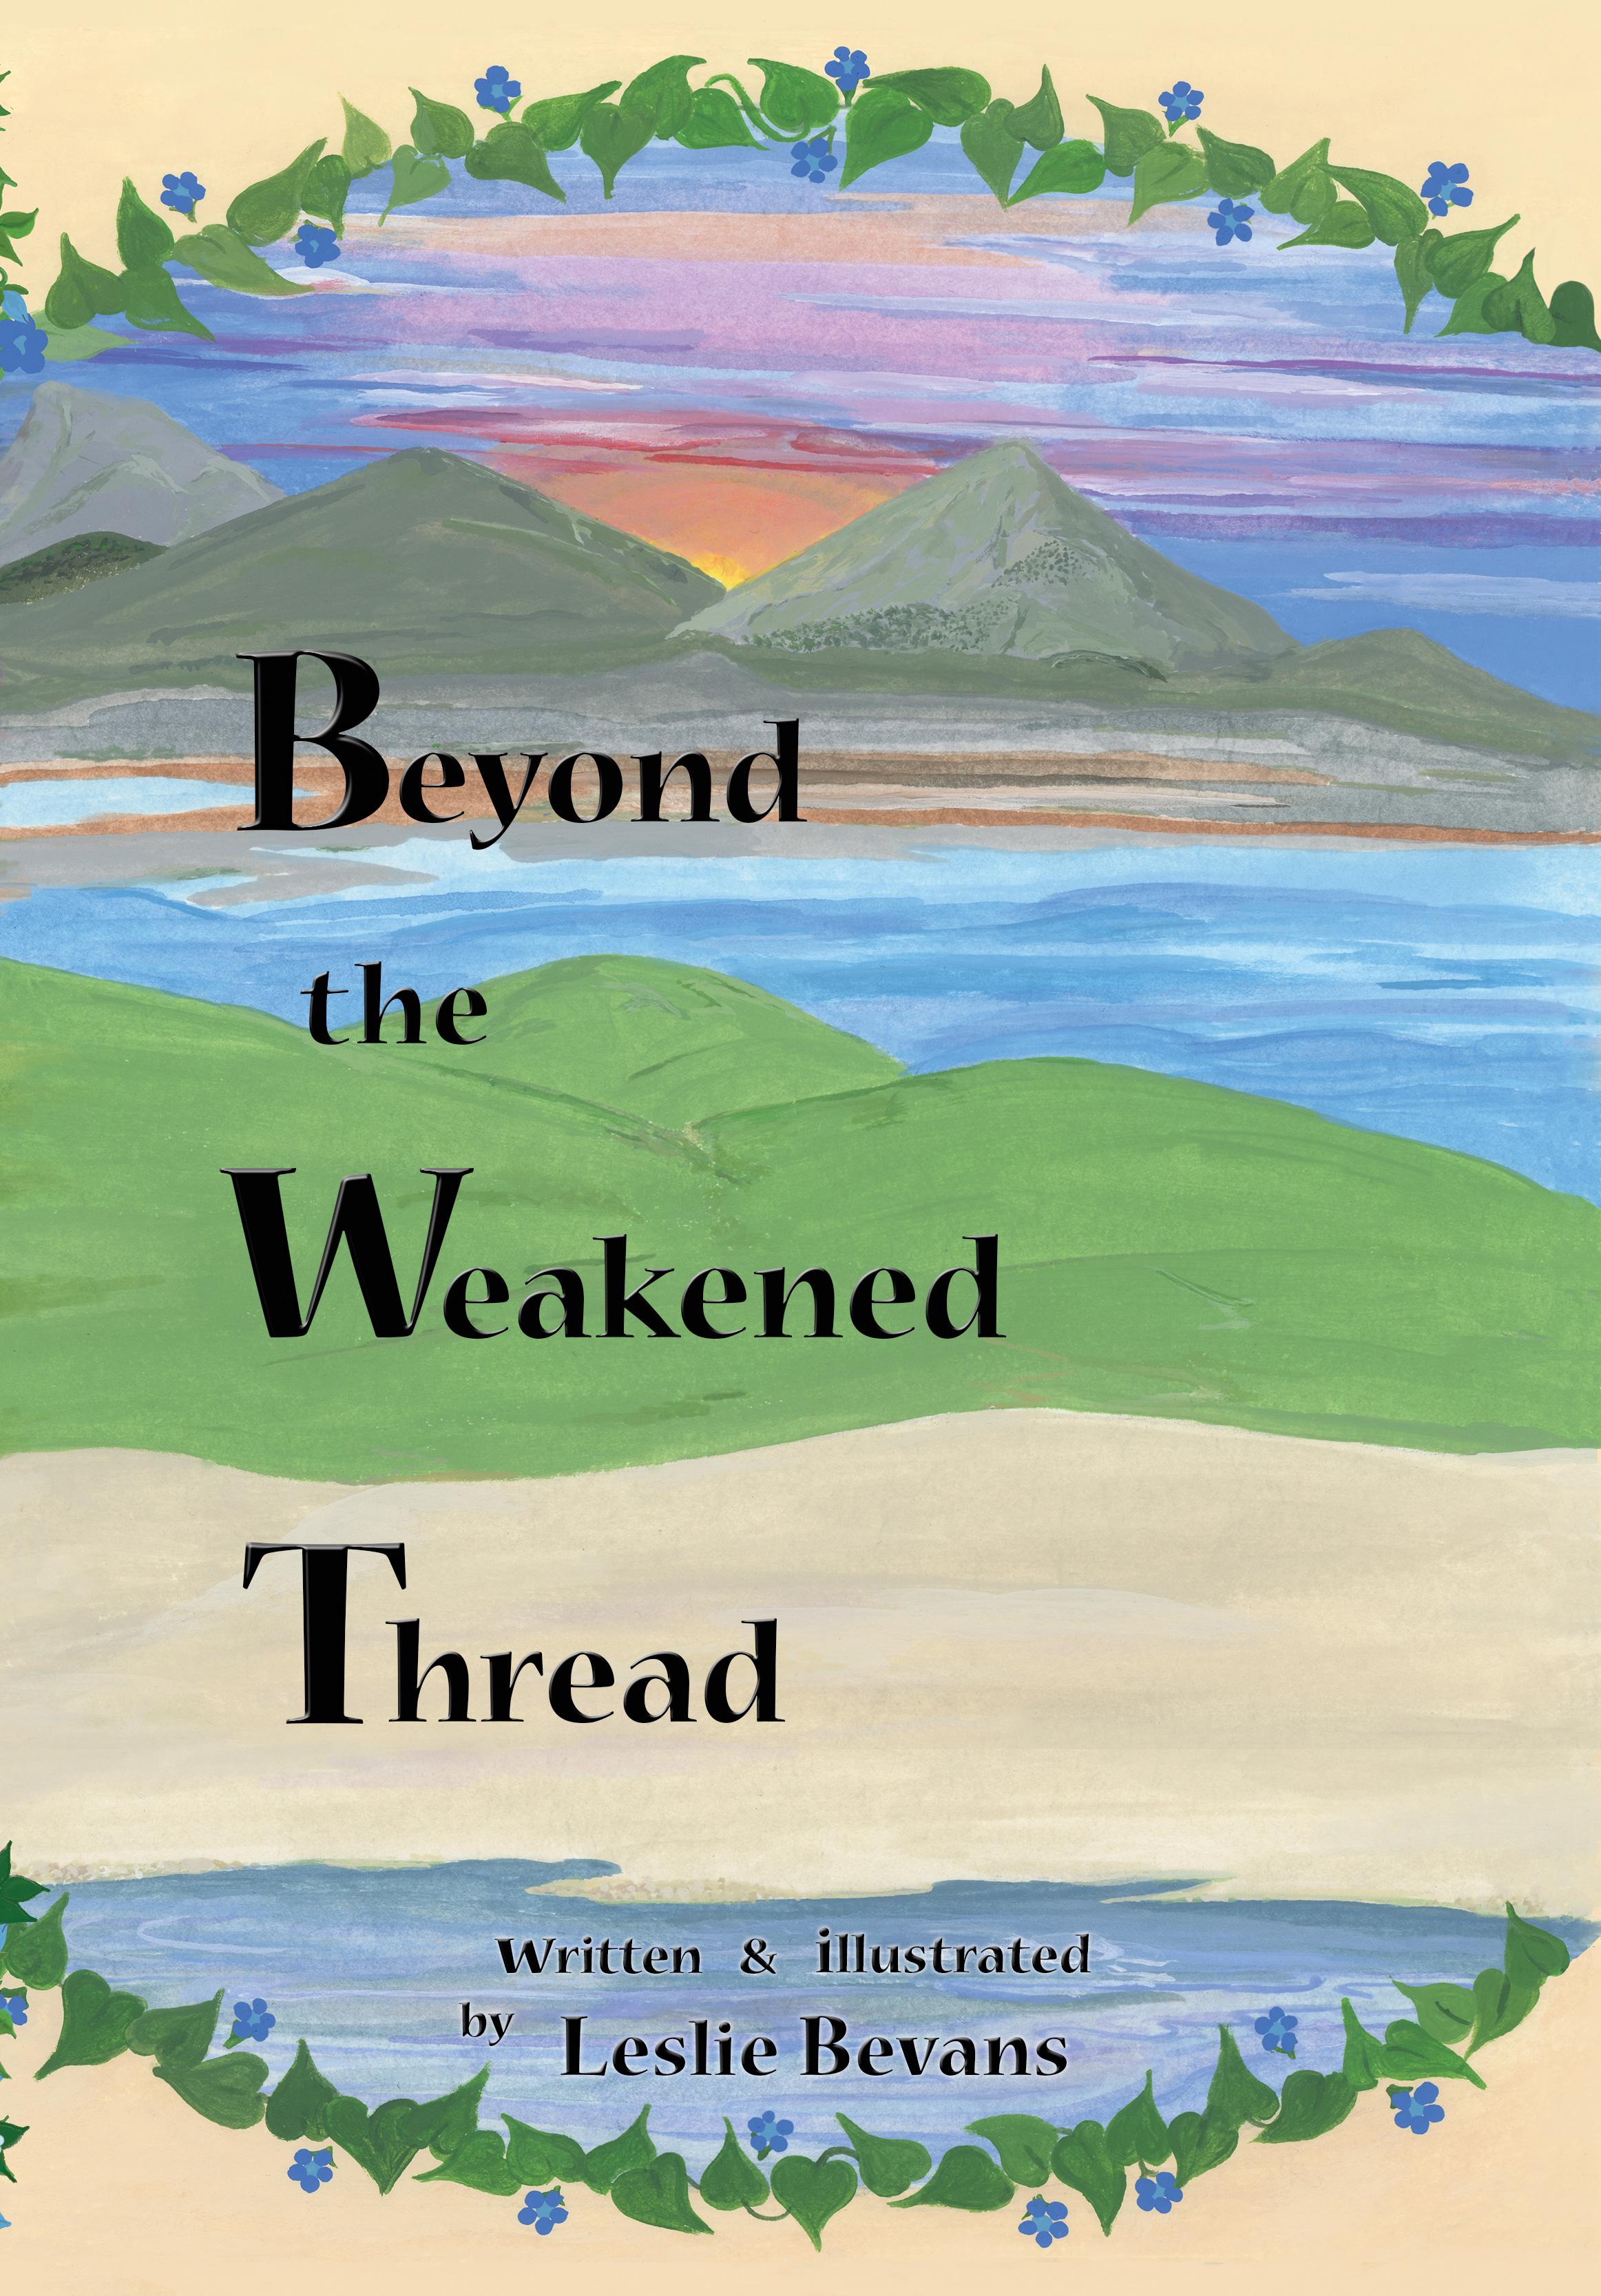 Beyond the Weakened Thread  by  Leslie Bevans